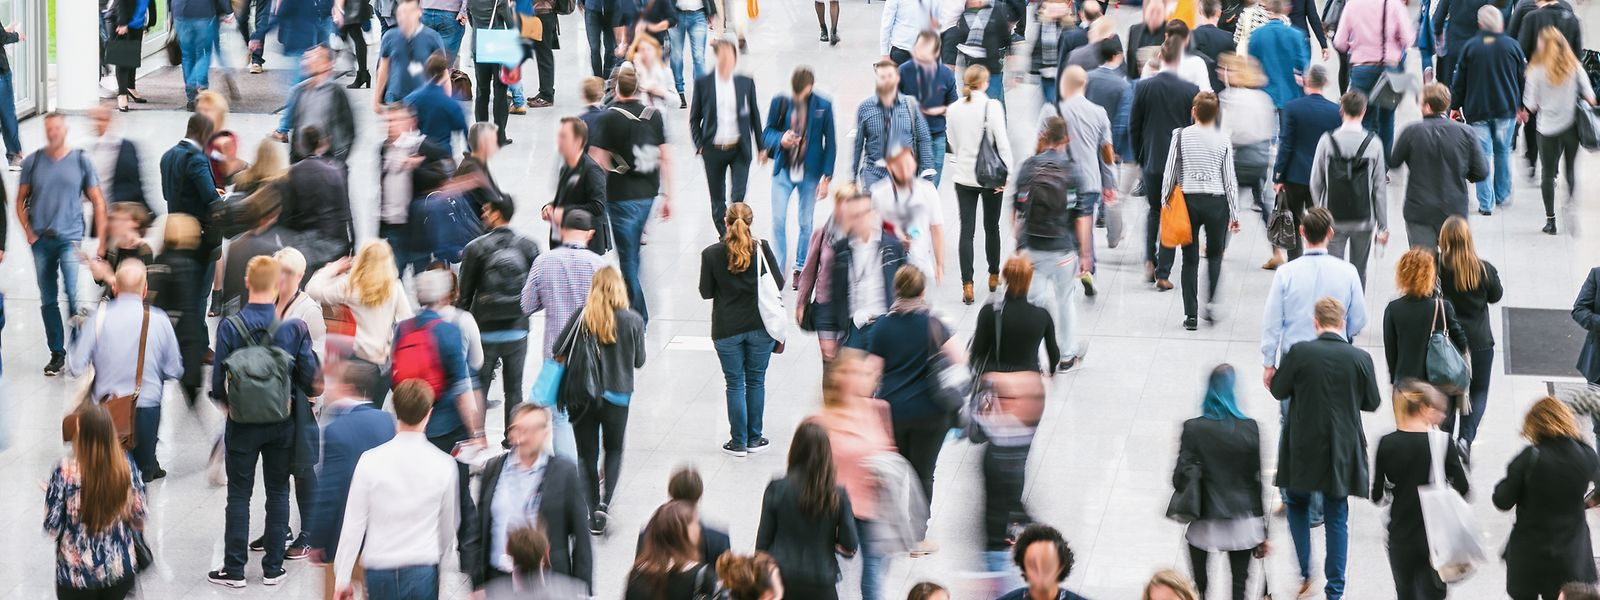 Knackt eine Kommune die Schwelle der 10.000 Bewohner, so erhöht sich auch die Anzahl ihrer Gemeinderatsmitglieder